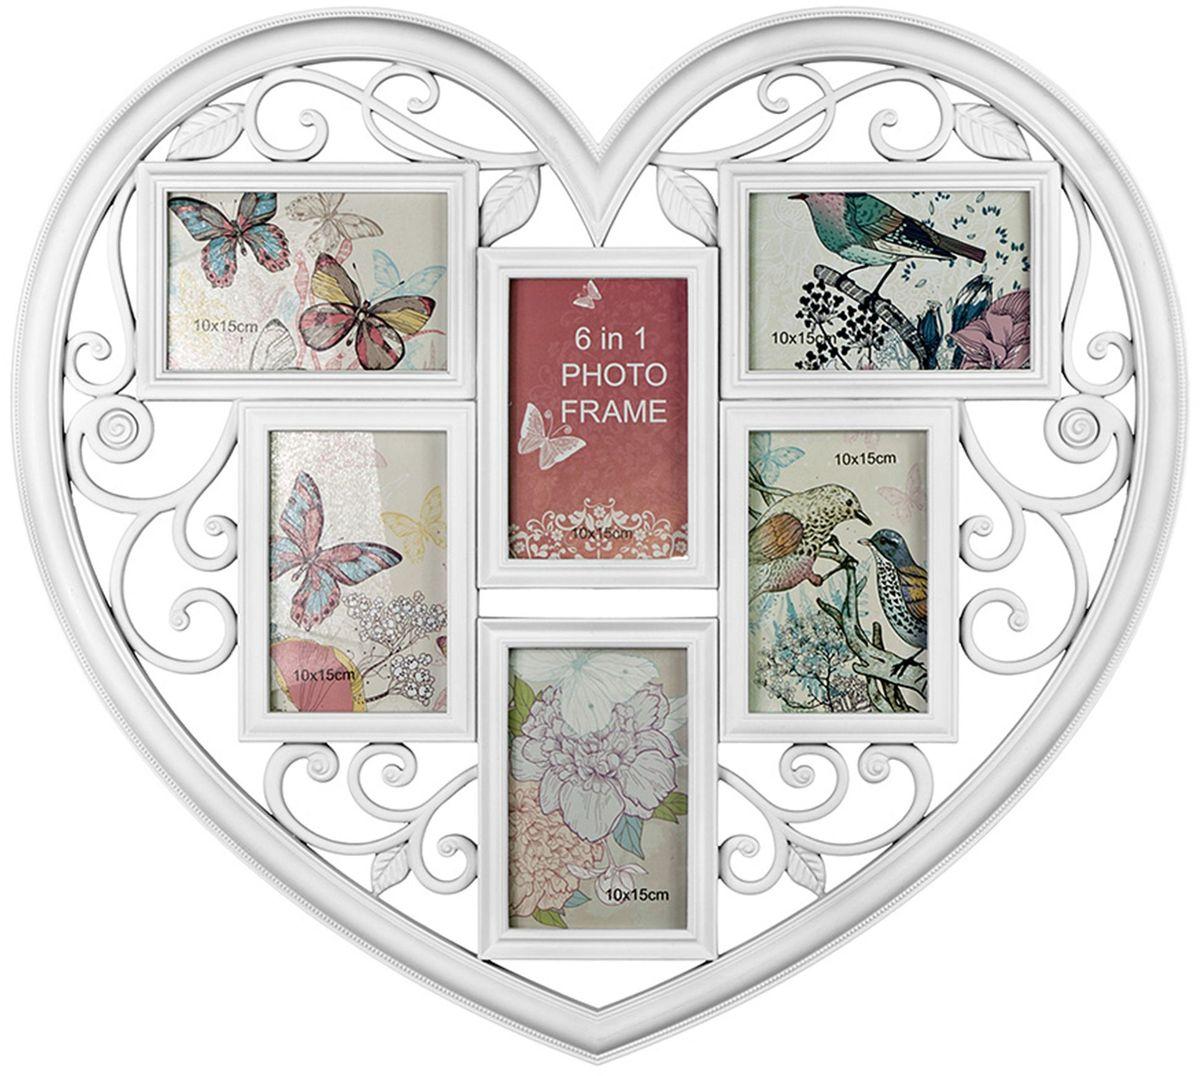 Фоторамка Platinum Сердце, цвет: белый, на 6 фото, 10 х 15 см. BIN-1123026 chk 184 фоторамка жемчужное сердце 15 15 1106460